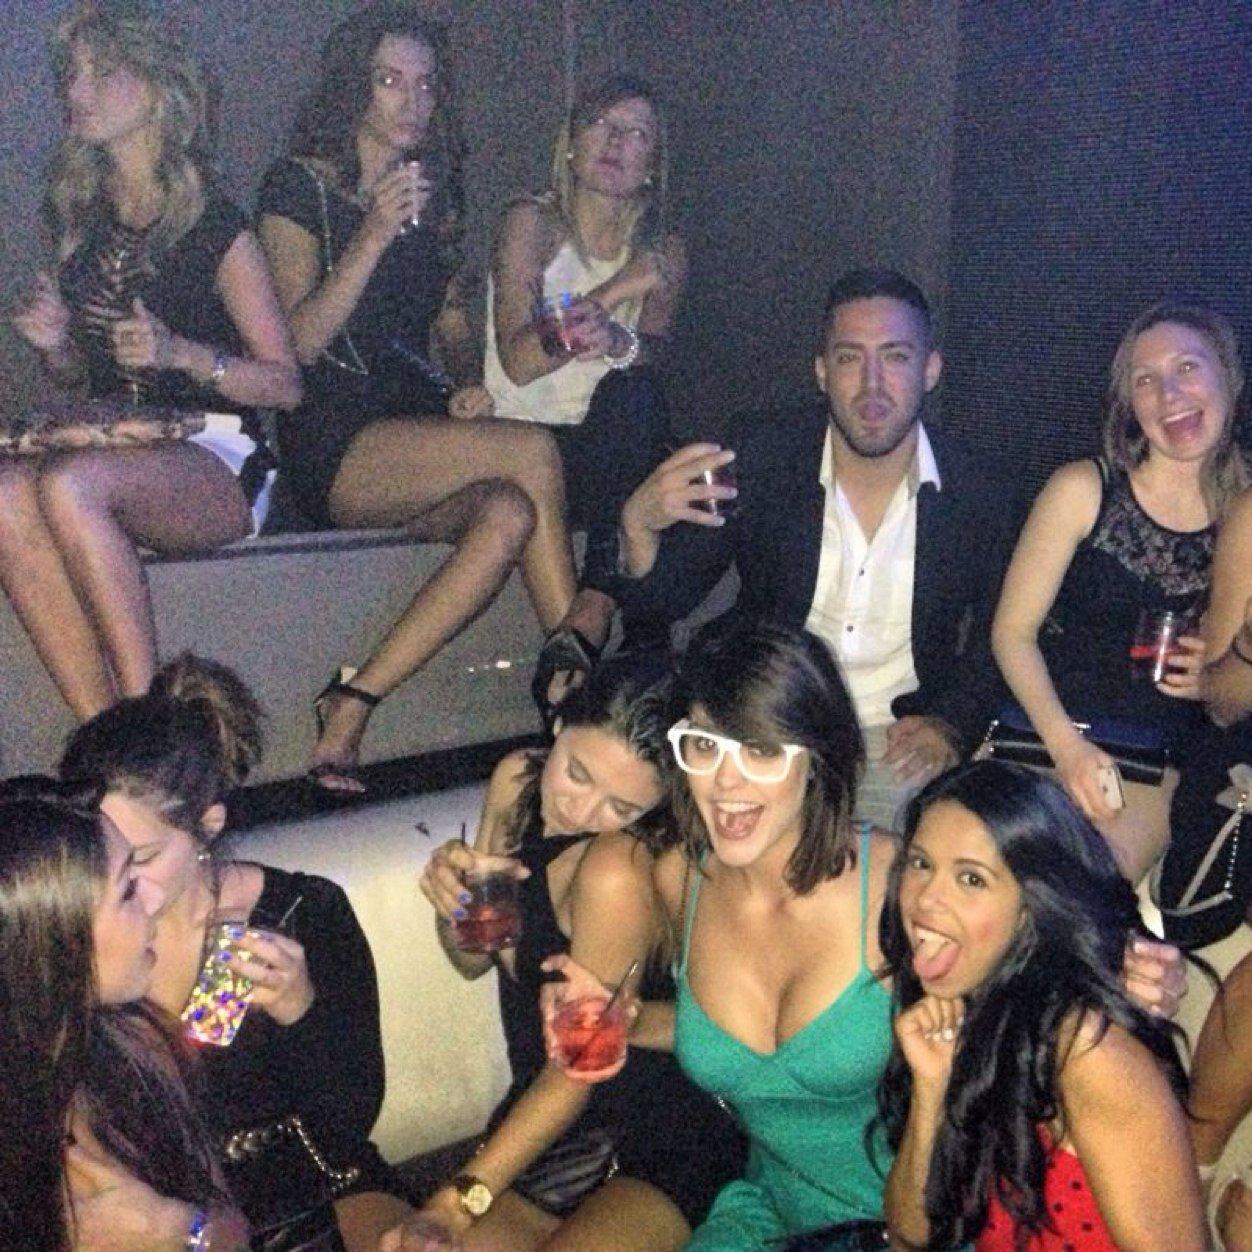 party sex voyeur